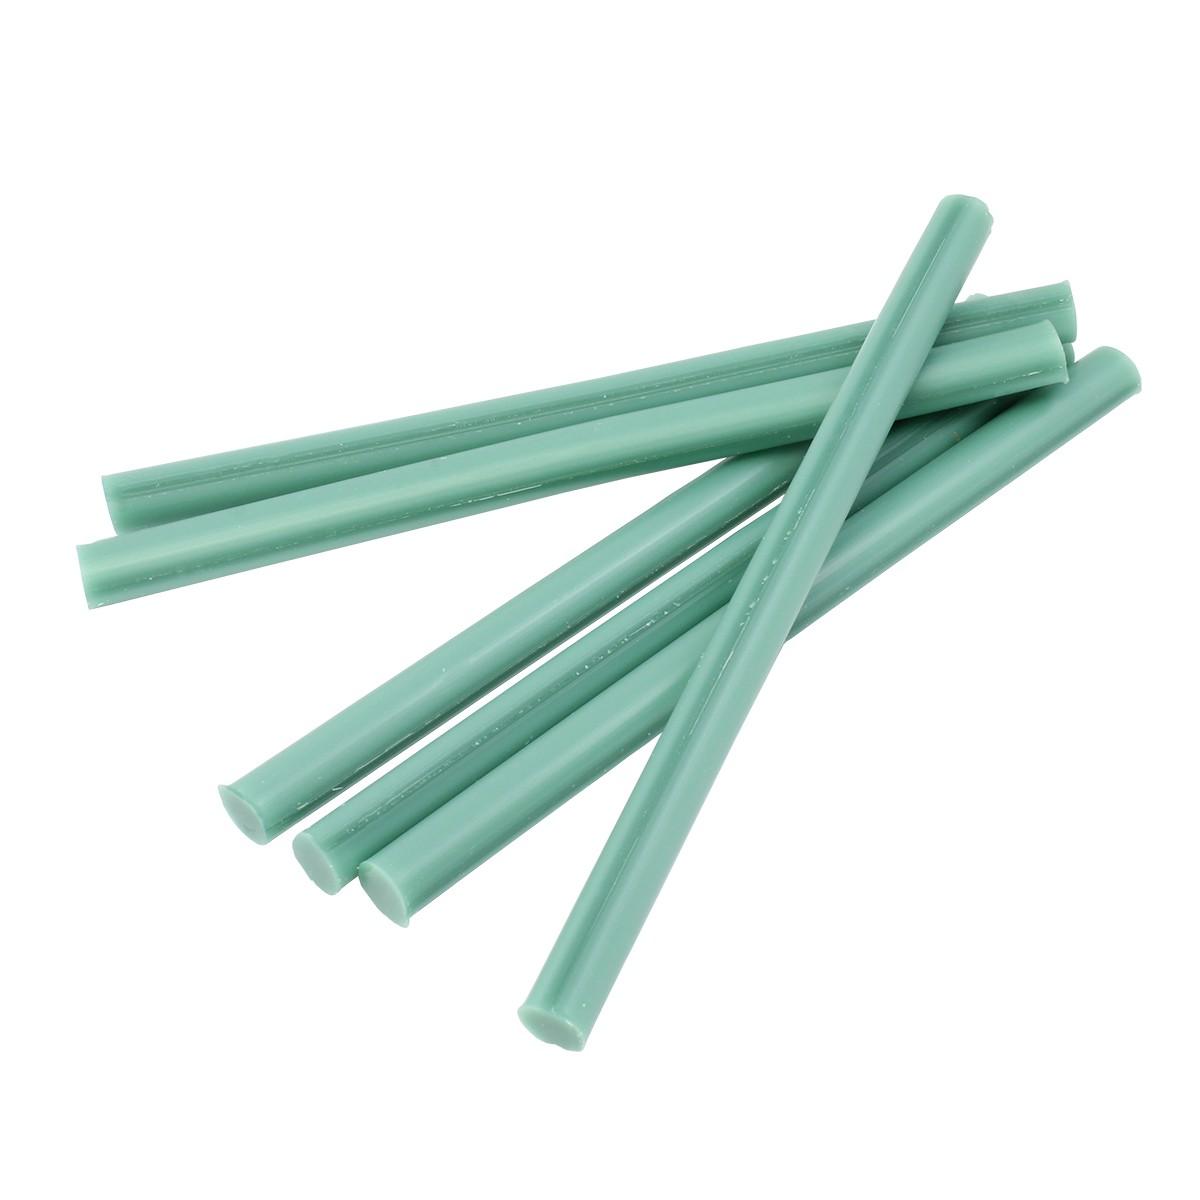 """Wax Sprue Rods 6 x 3/8"""" Super Stiff- Light Green - 44 rods per lbs."""